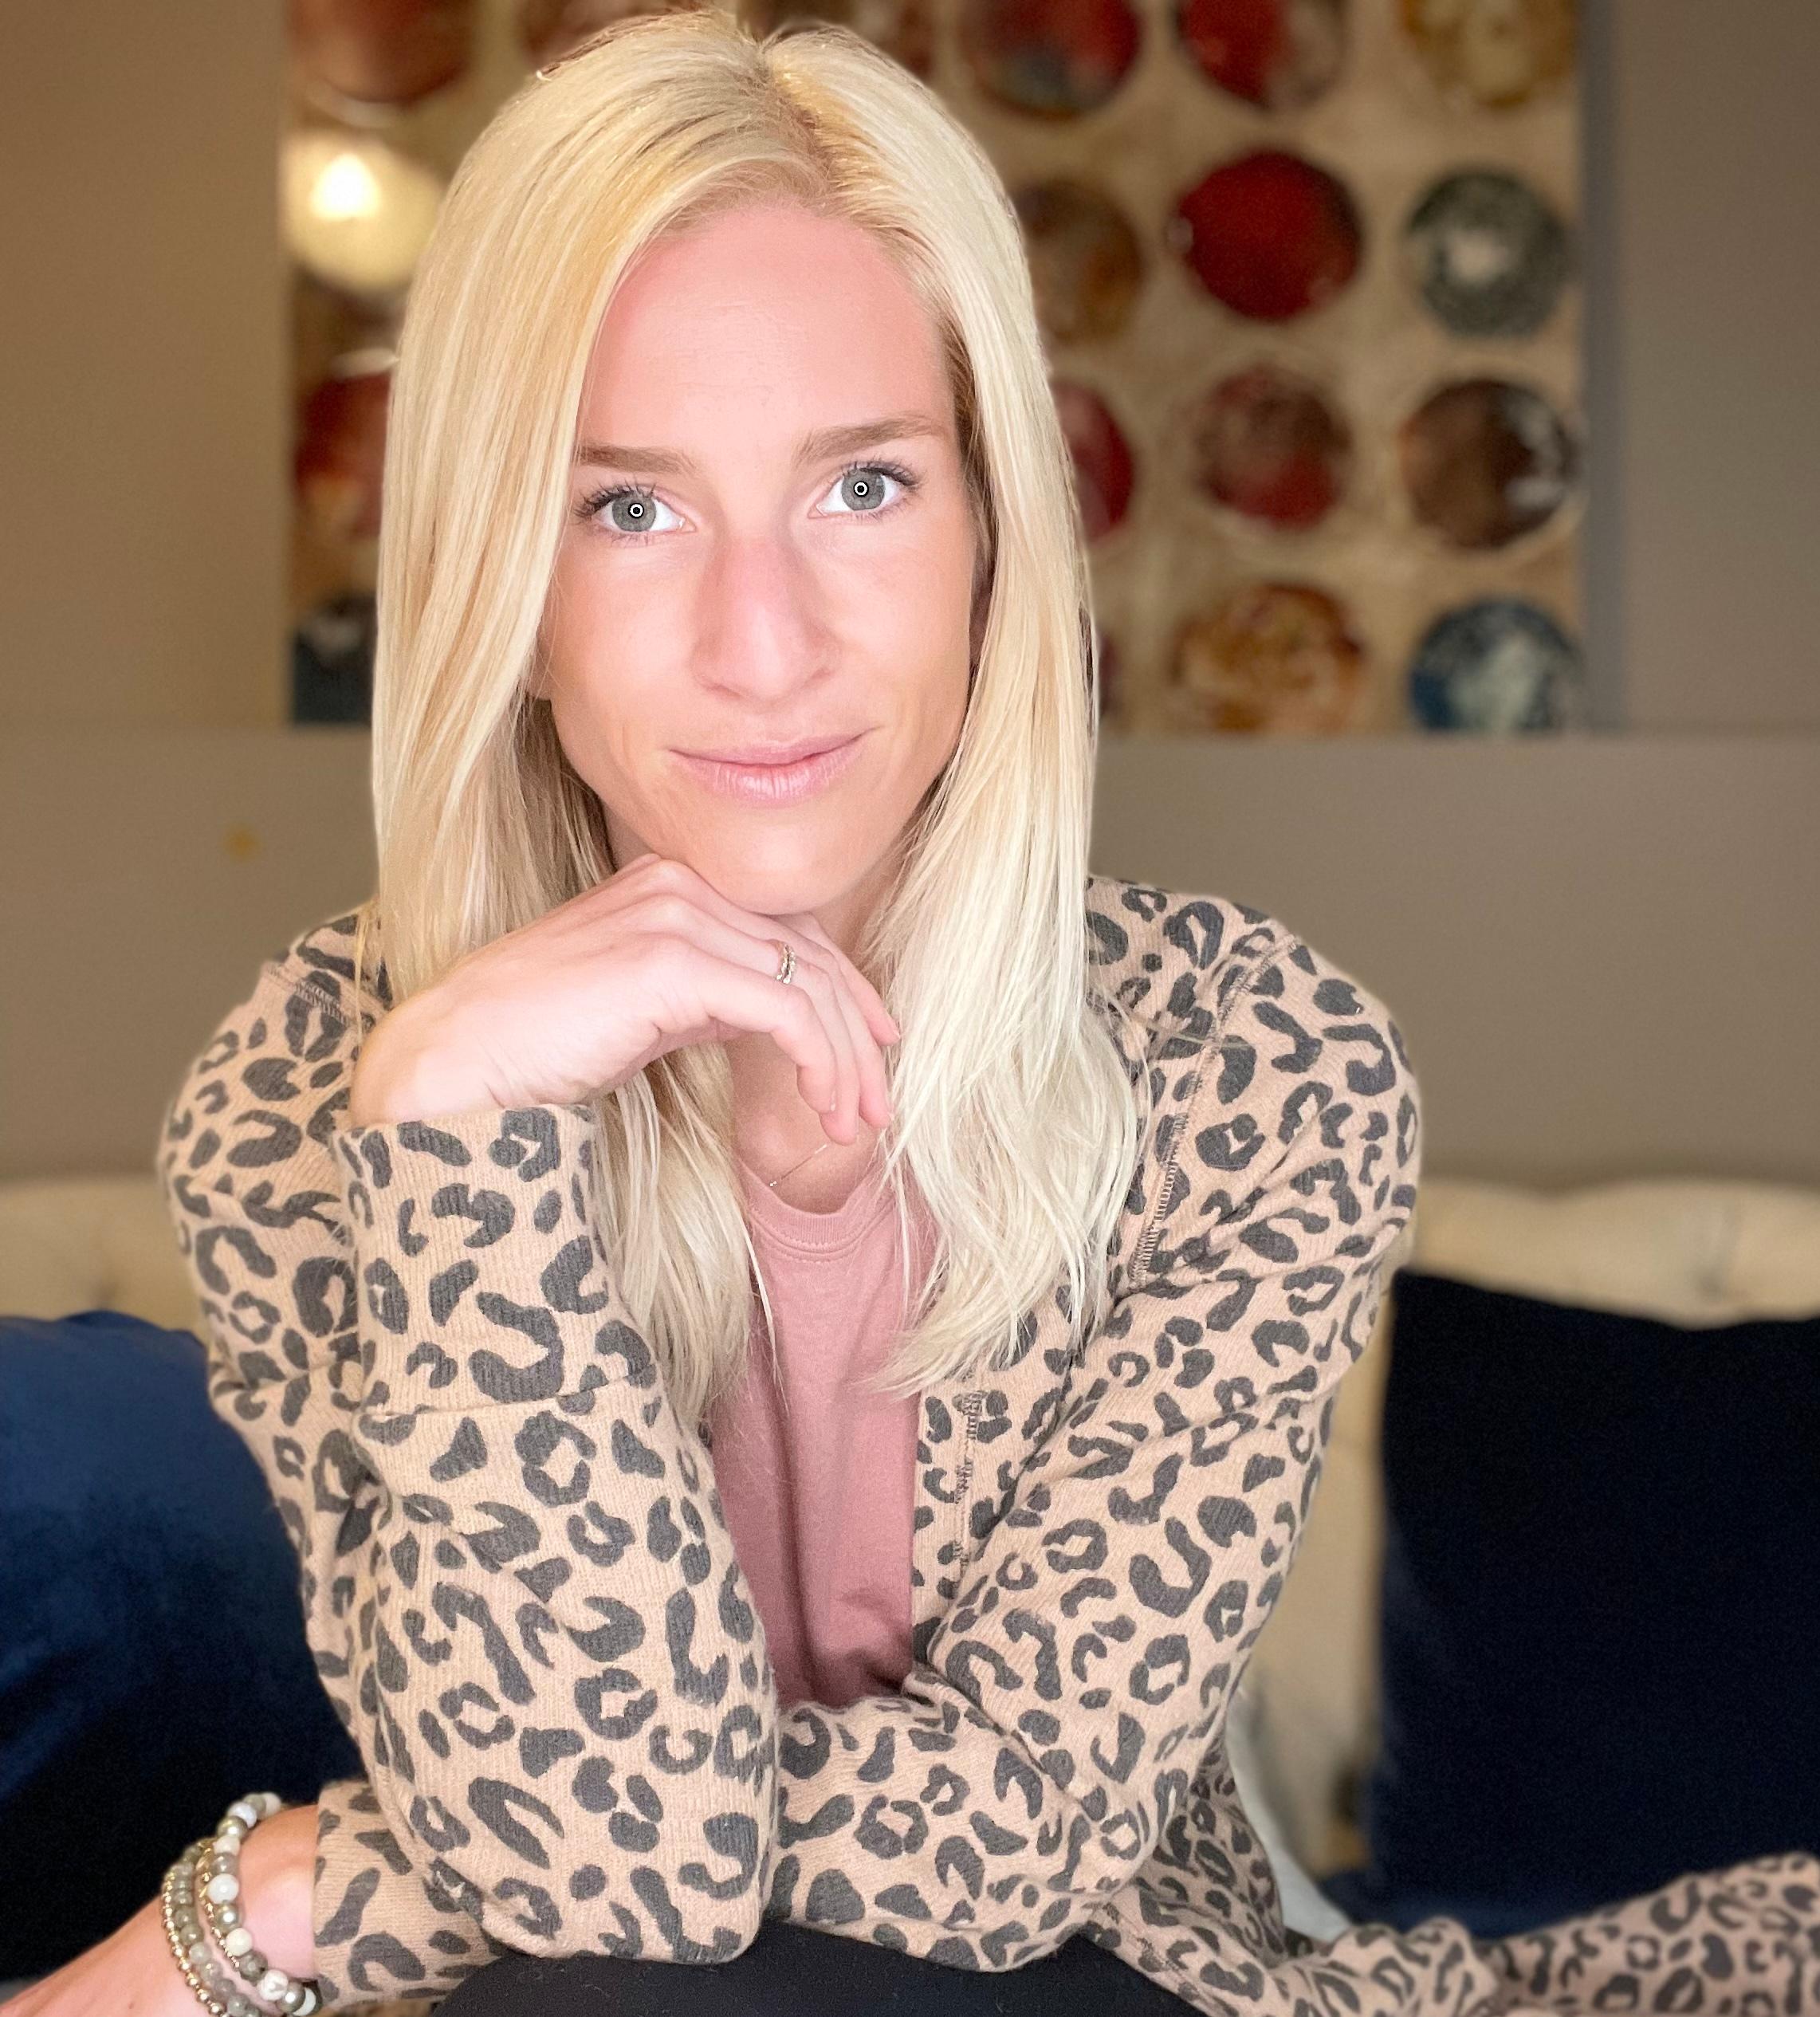 blonde woman in leopard print